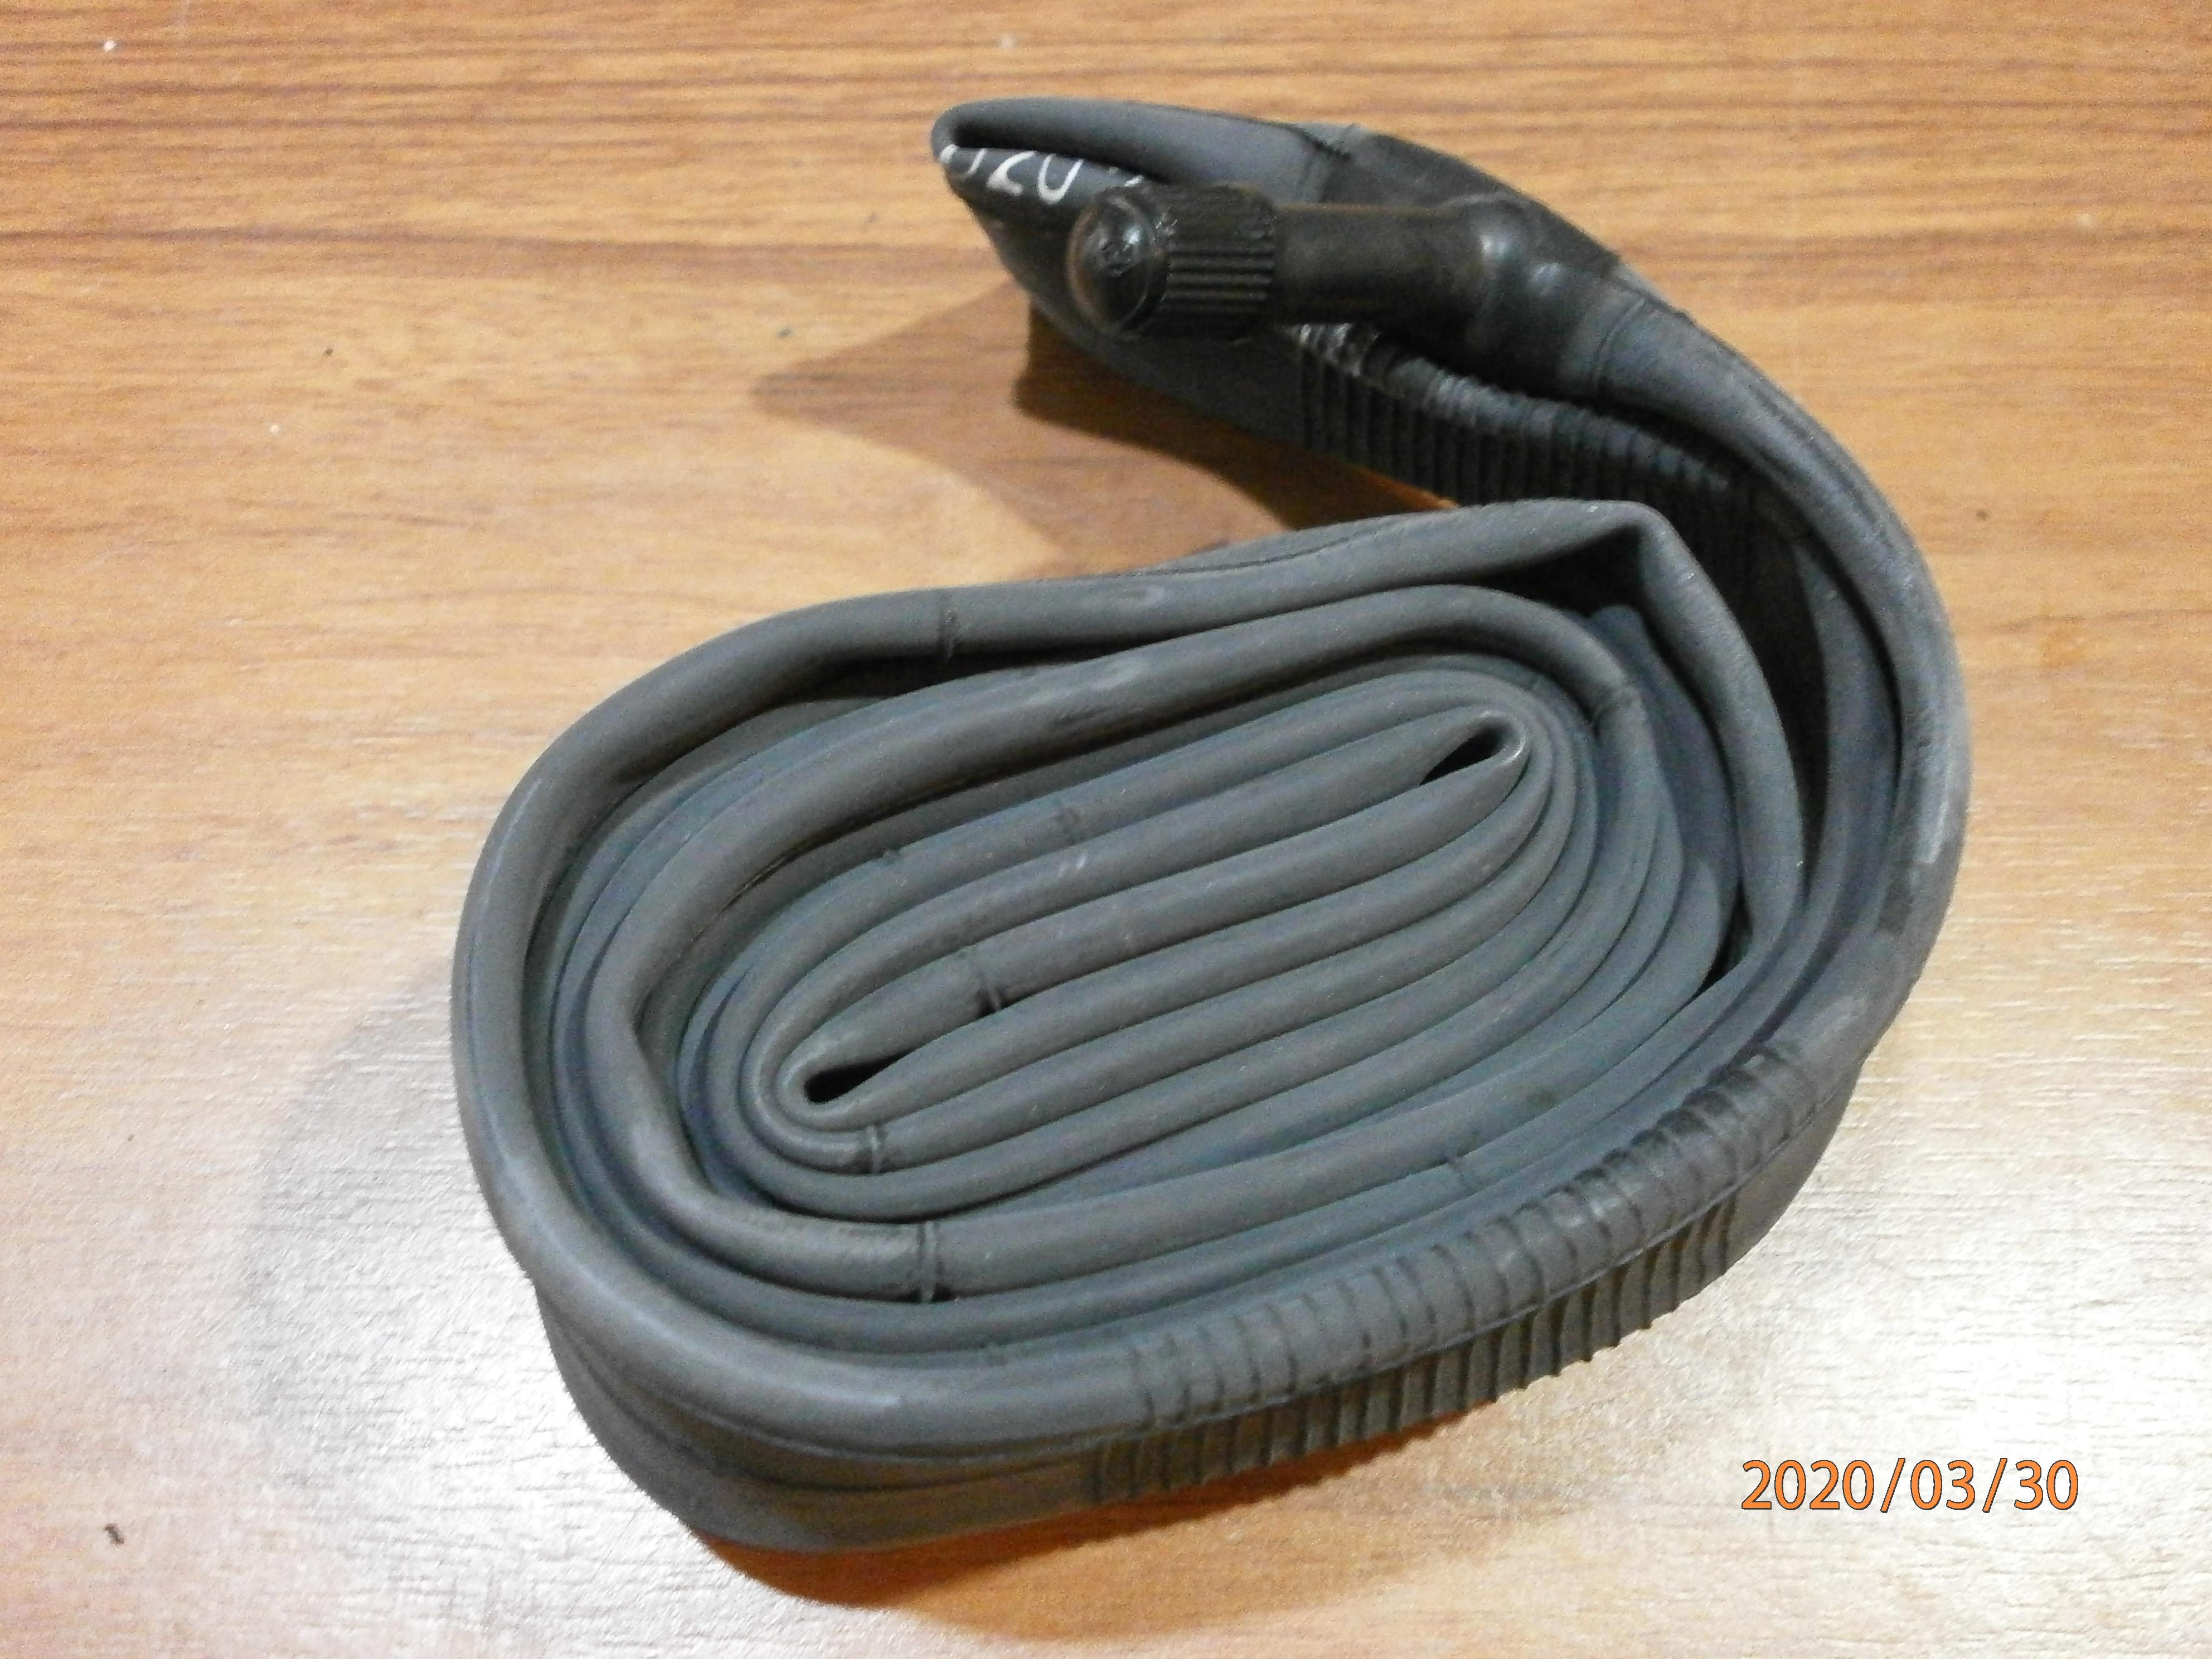 TYRE INNER TUBE 24 X 1 3/8 INCH